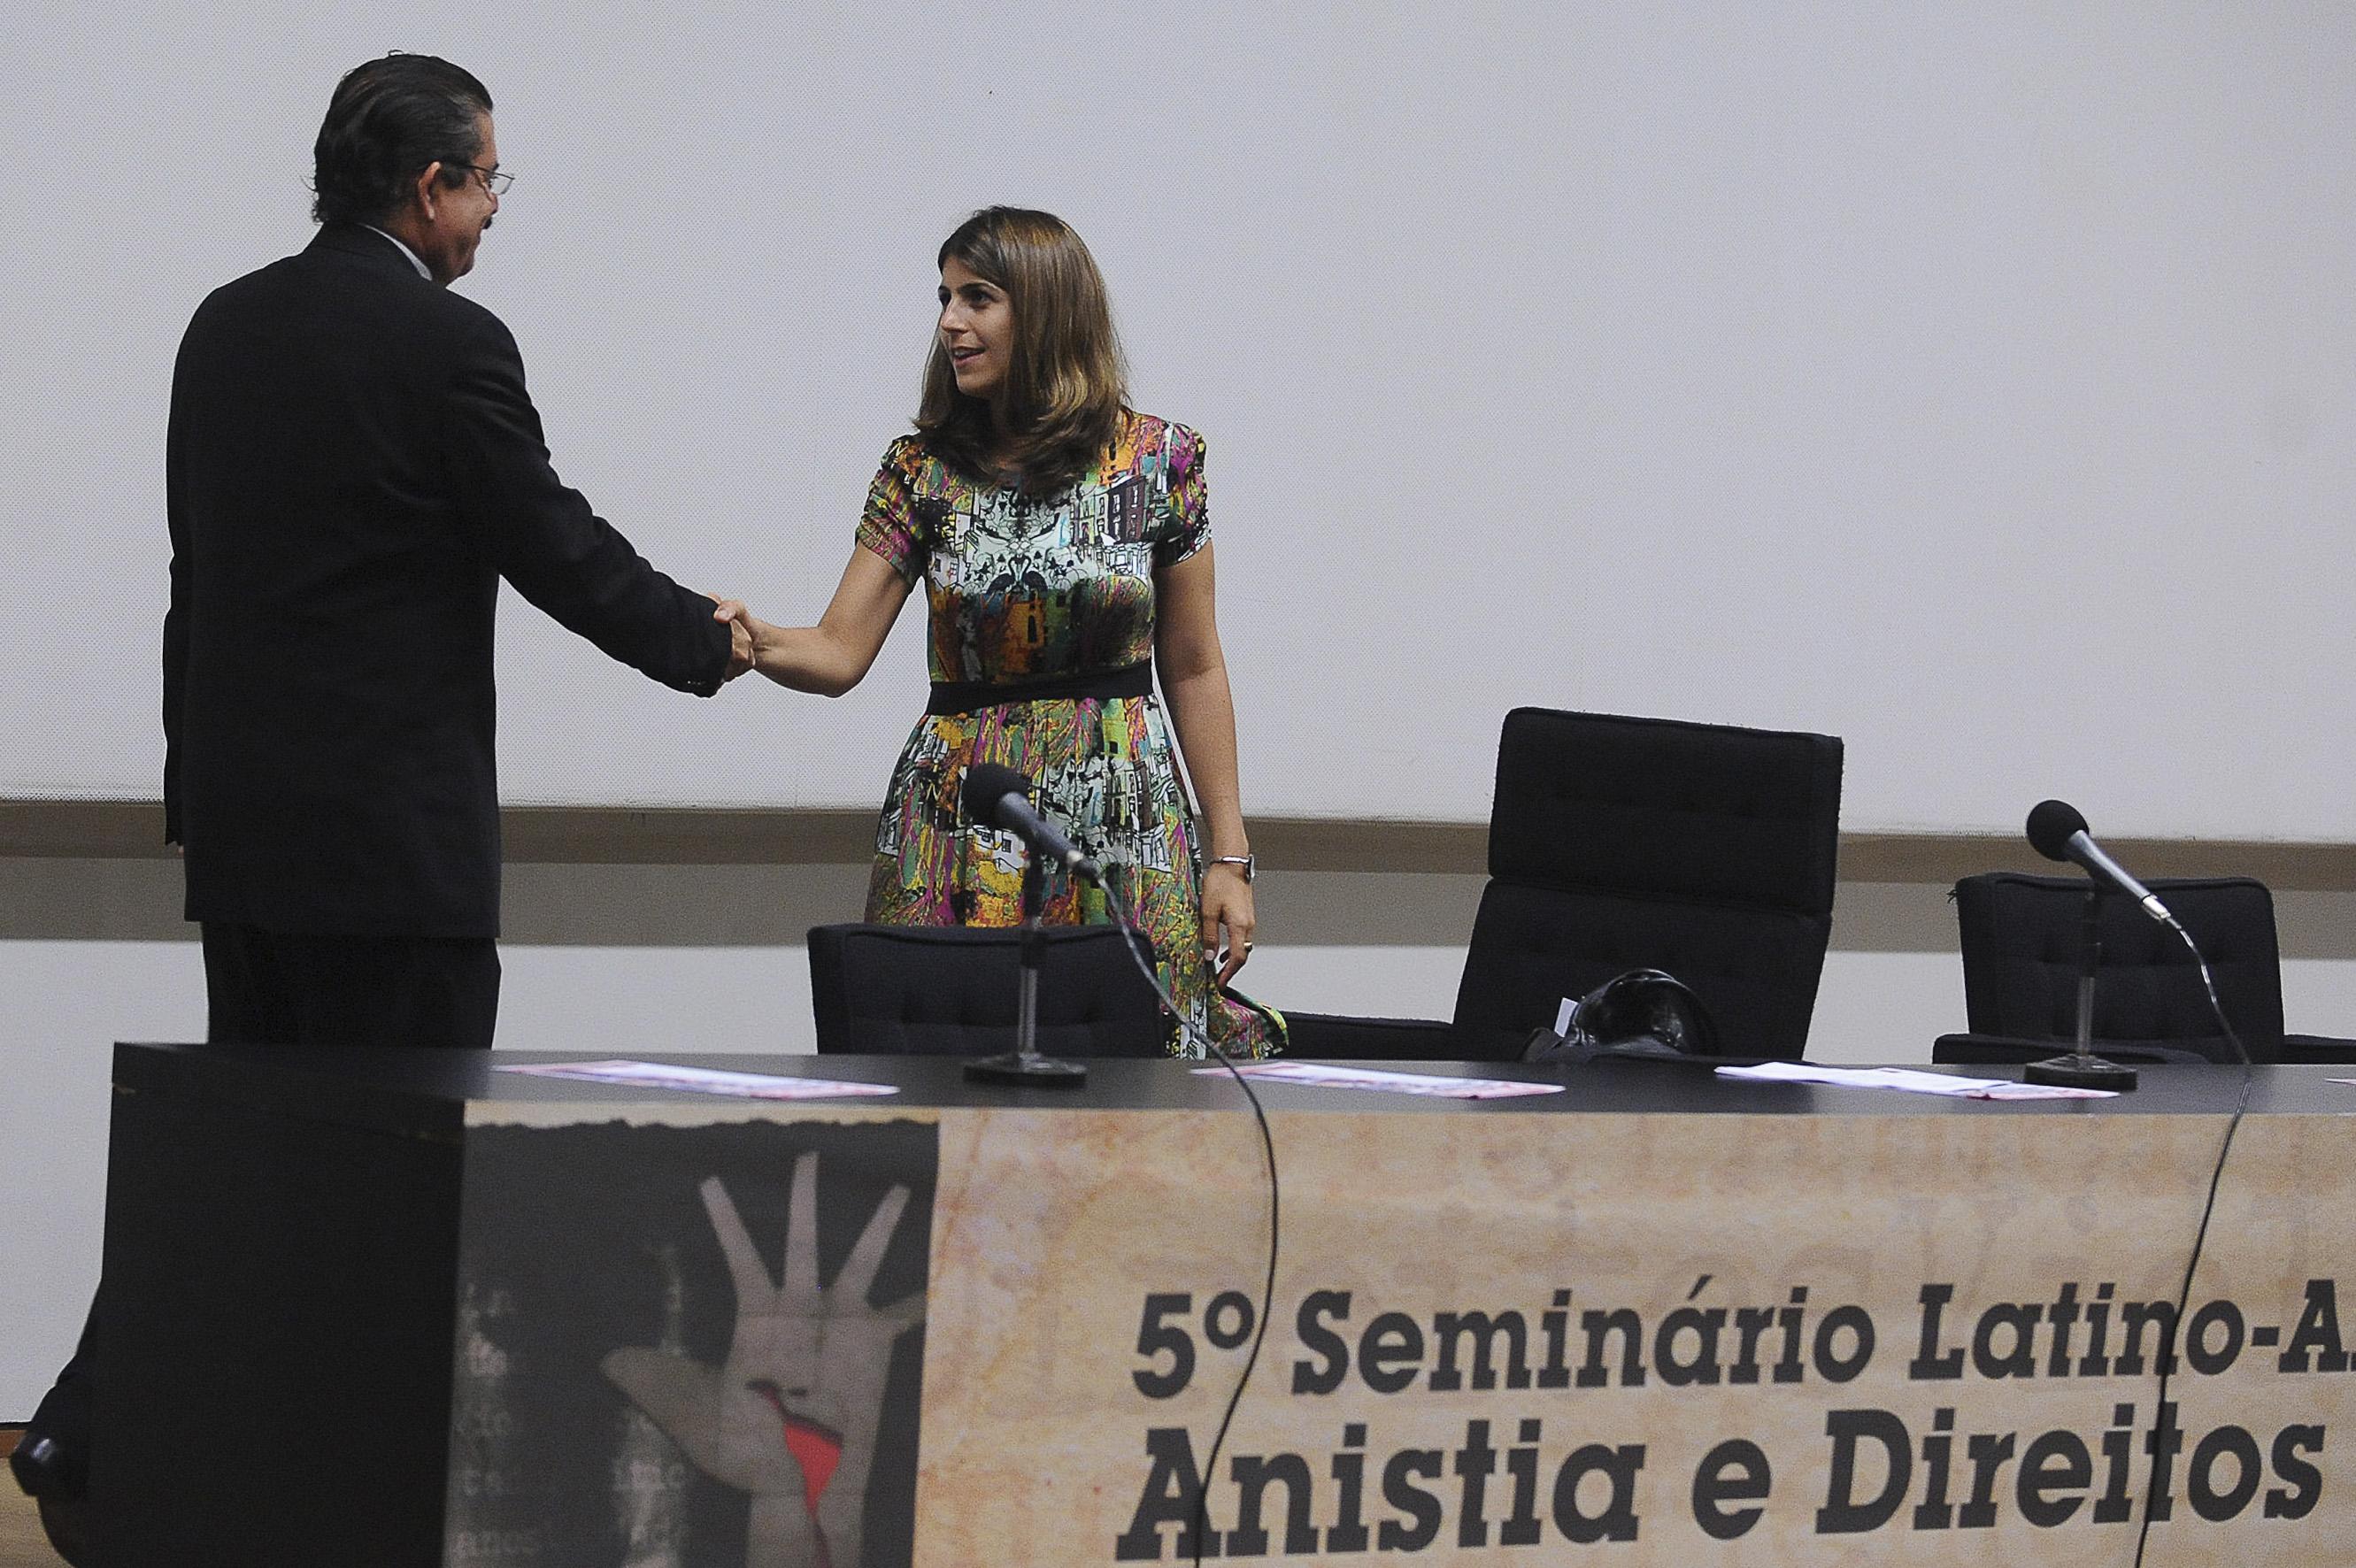 http://agenciabrasil.ebc.com.br/sites/_agenciabrasil/files/gallery_assist/27/gallery_assist681313/Agencia%20Brasil181011WDO_3570A.JPG